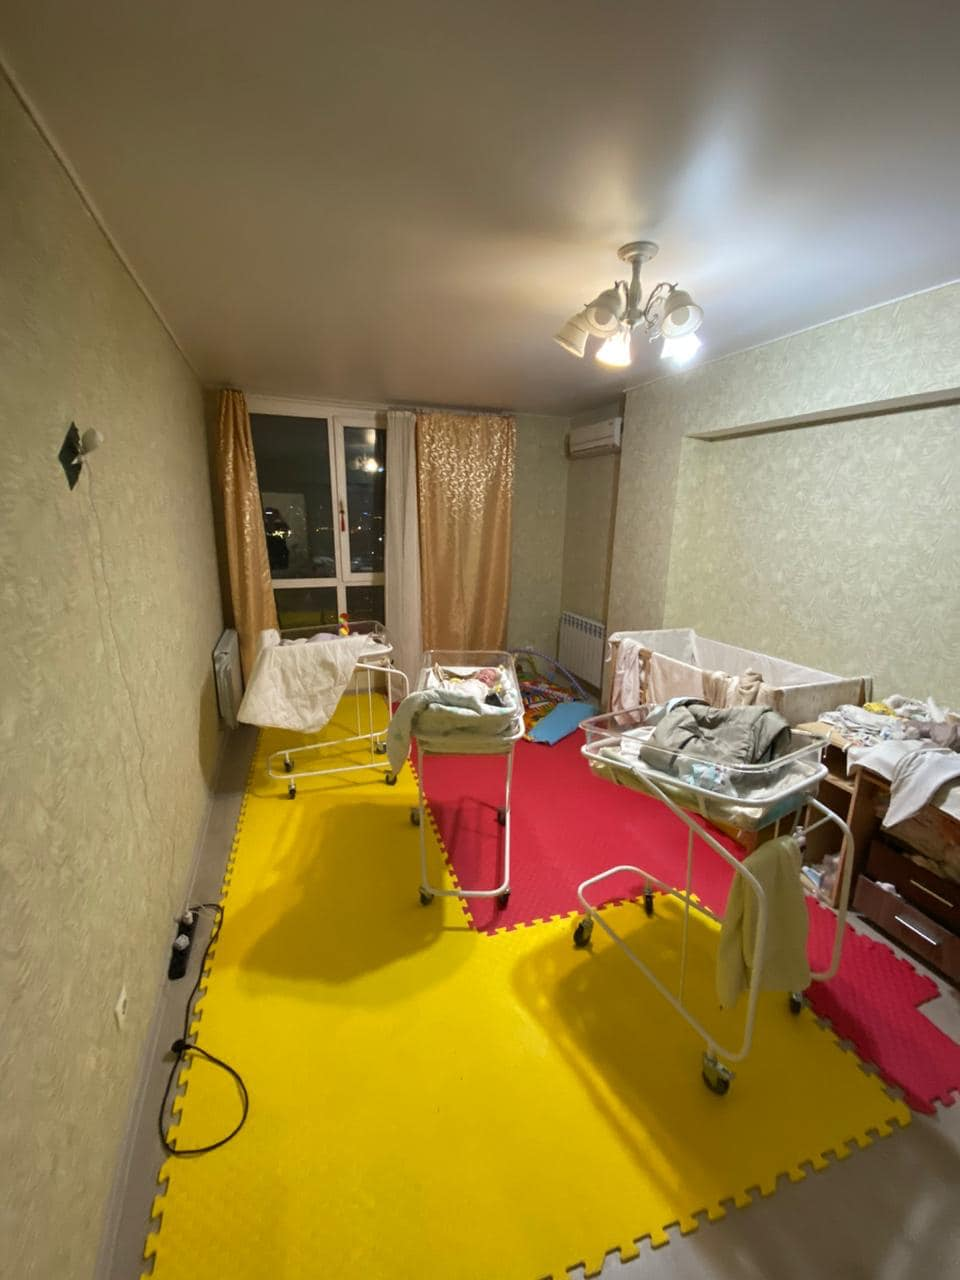 Київська клініка торгувала немовлятами - Китай - klinika